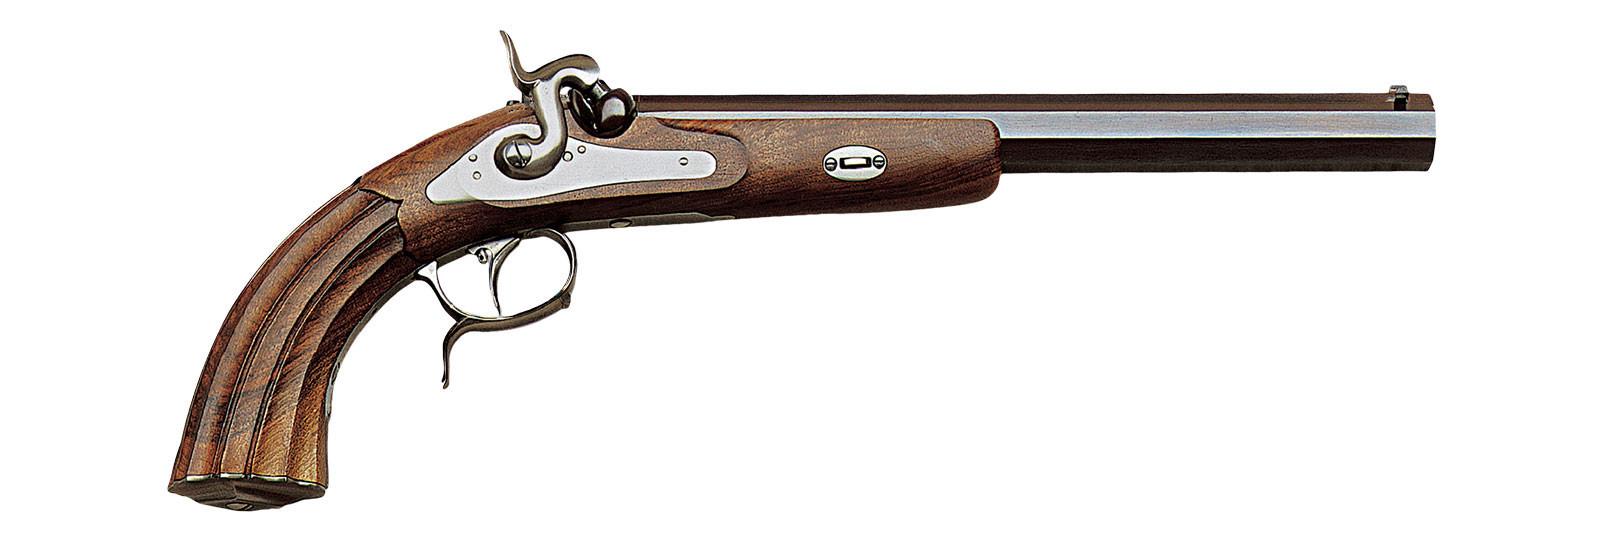 Mang in gratz .44 pistol